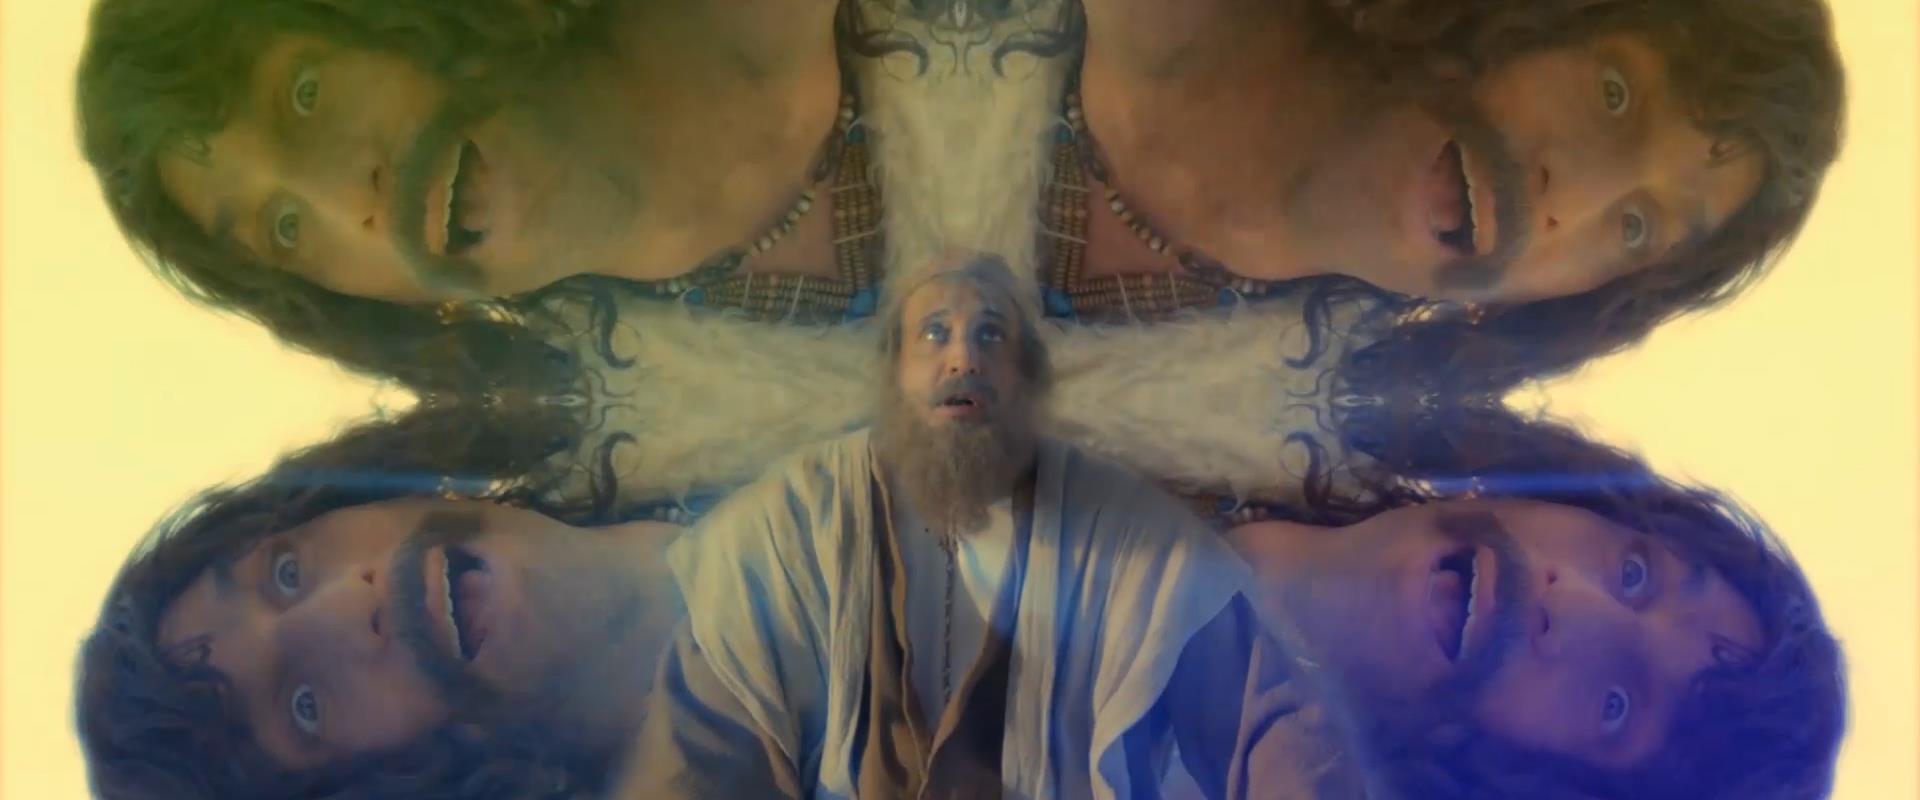 היהודים באים   עונה 4 - פרק 15